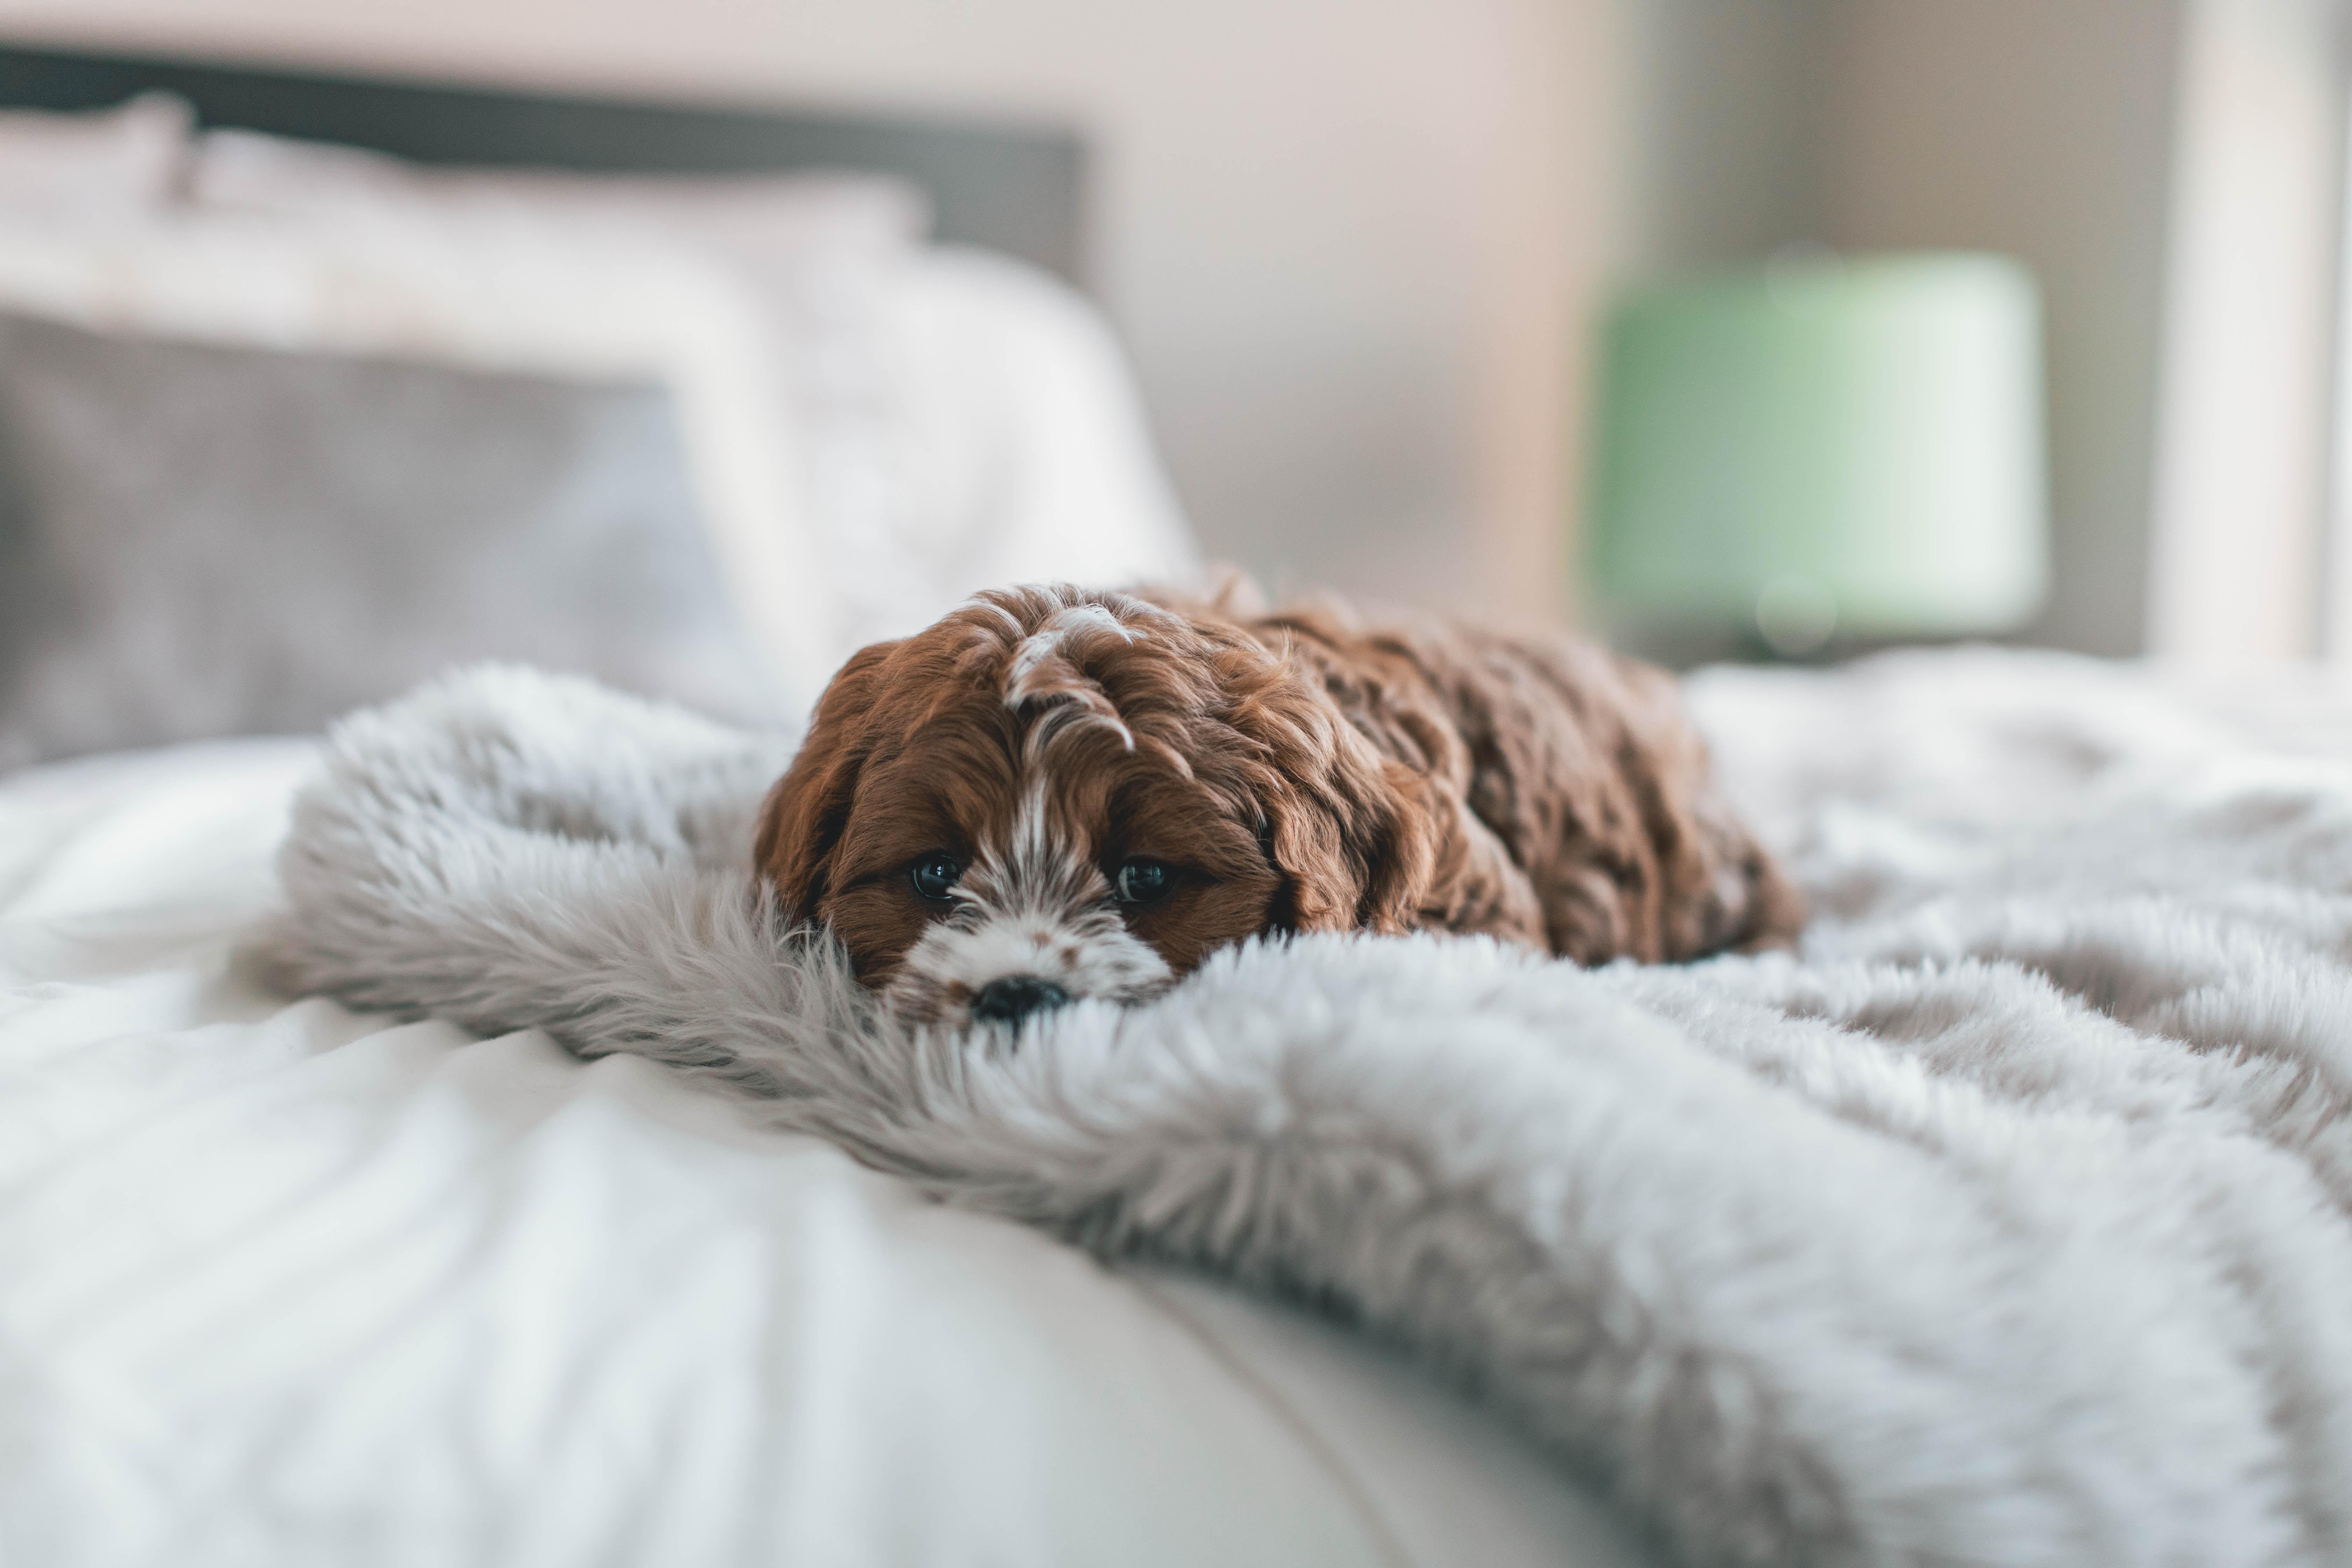 Wenn der Hunde nicht in den Urlaub mitkommen kann, gibt es verschiedene Möglichkeiten der Hundebetreuung. Dabei bleibt der Hund entweder im eigenen Haus oder er zieht vorübergehend in eine Hundepension oder zu Freunden bzw. Verwandten. © Unsplash.com